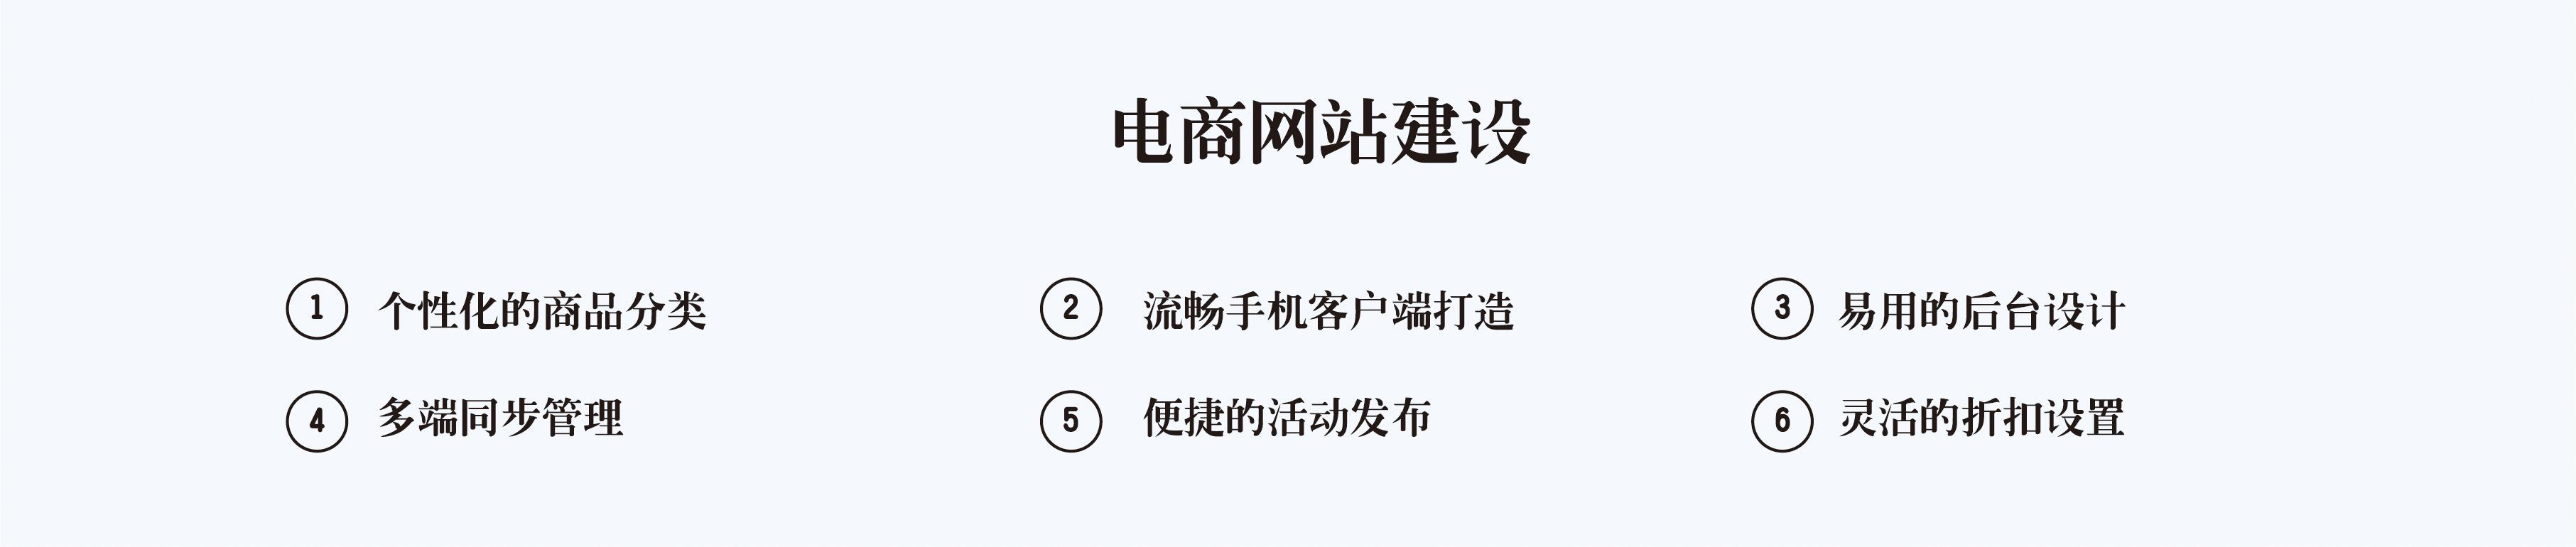 电商行业解决方案-03.jpg